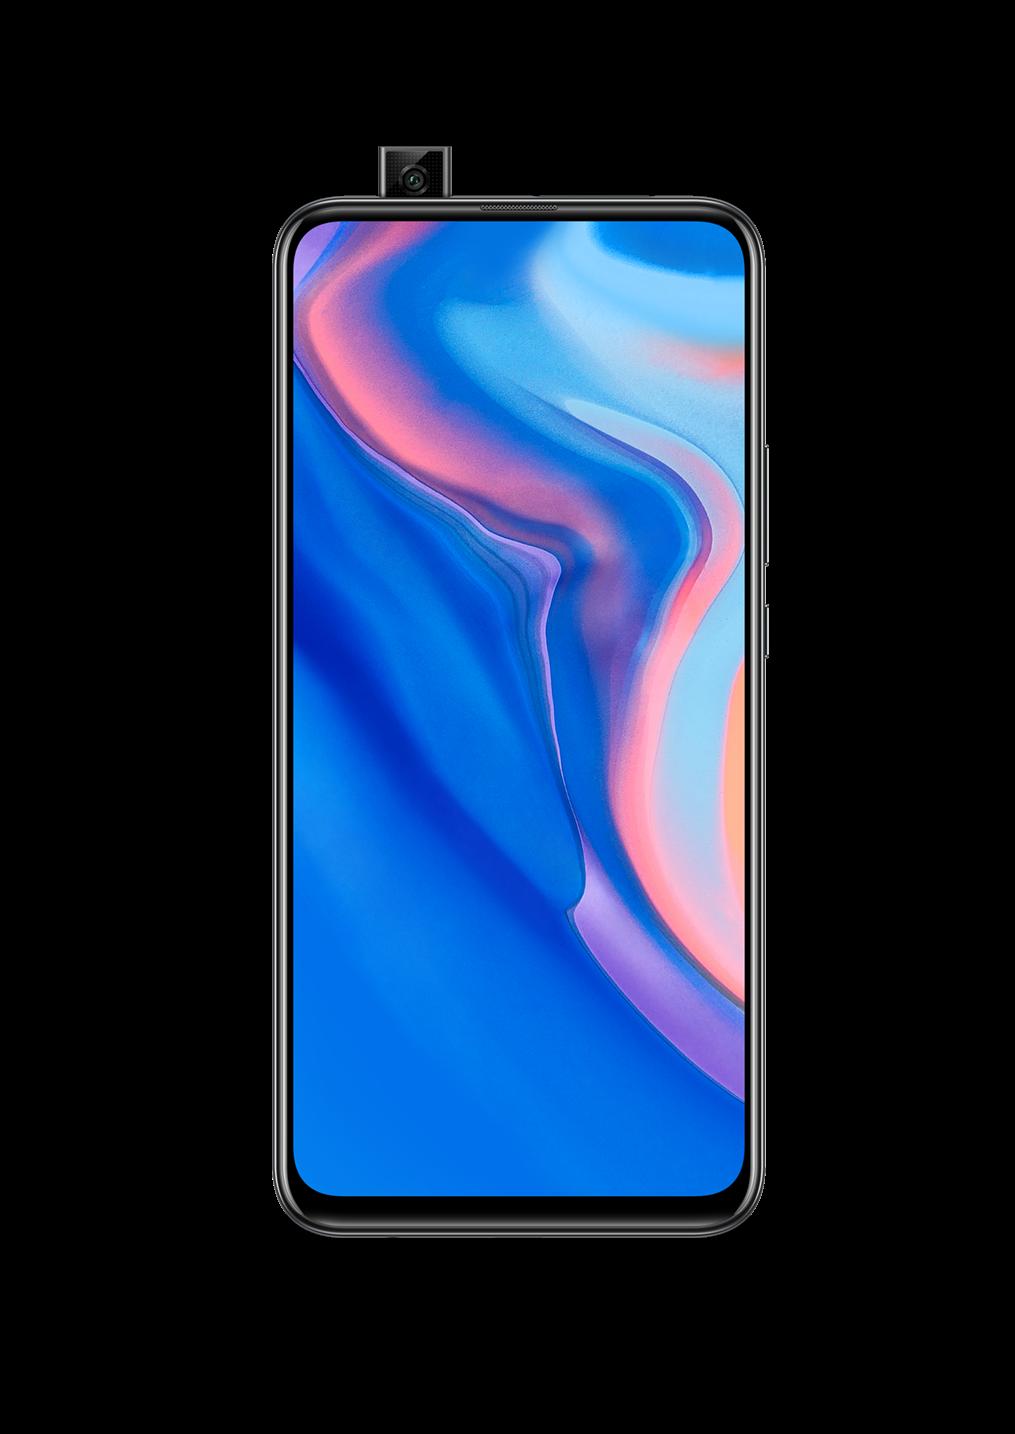 """หัวเว่ยจ่อเปิดตัว """"HUAWEI Y9 Prime 2019"""" สมาร์ทโฟนสเปคอัดแน่นรุ่นล่าสุดจาก Y Series มาพร้อม EMUI 9 เวอร์ชั่นล่าสุด รับประกันราคาโดน สเปคกระแทกใจแน่นอน"""